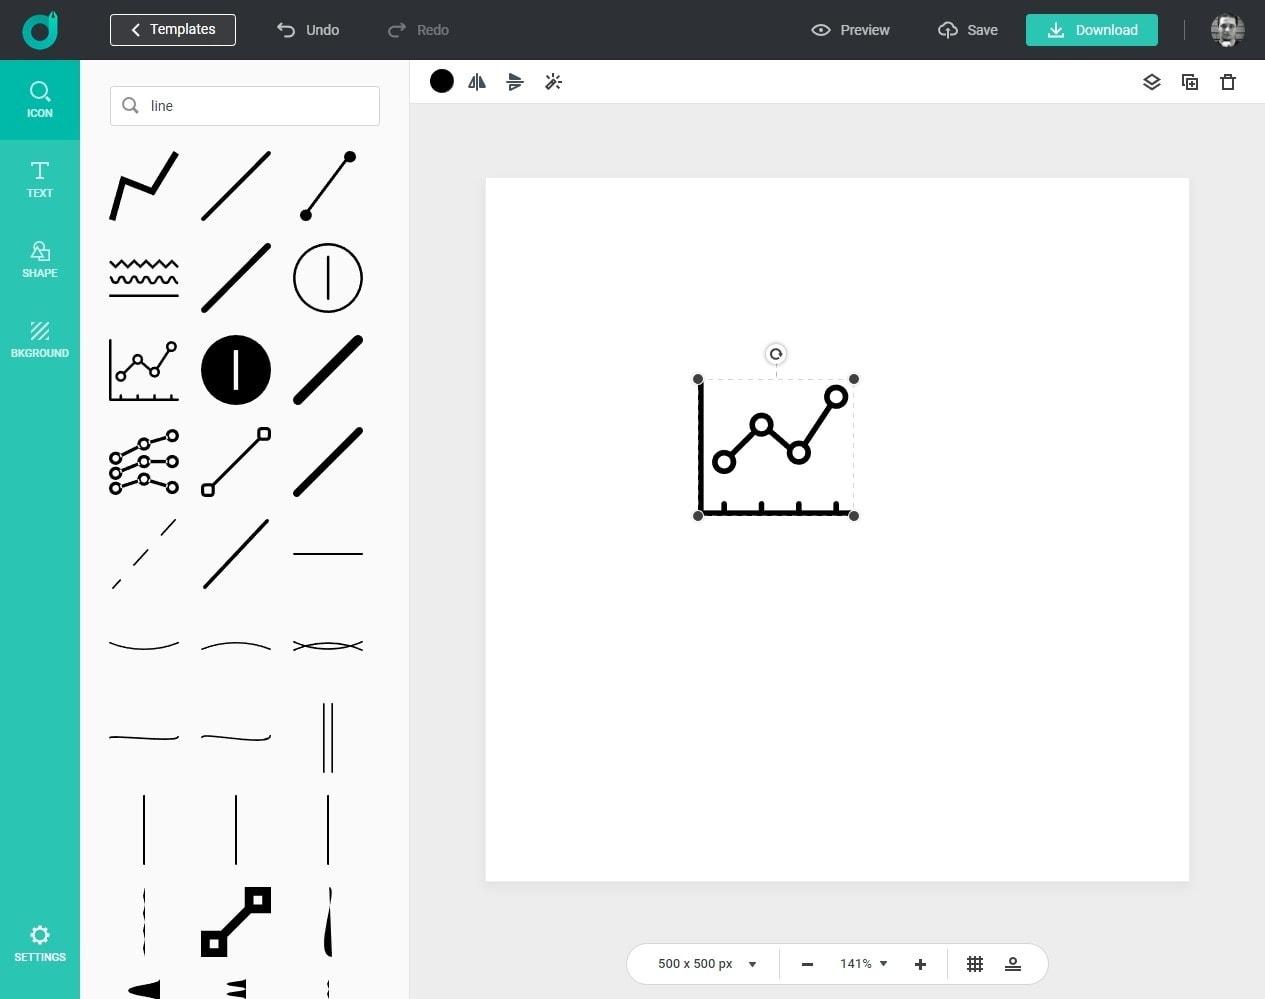 DesignEvo logo editor